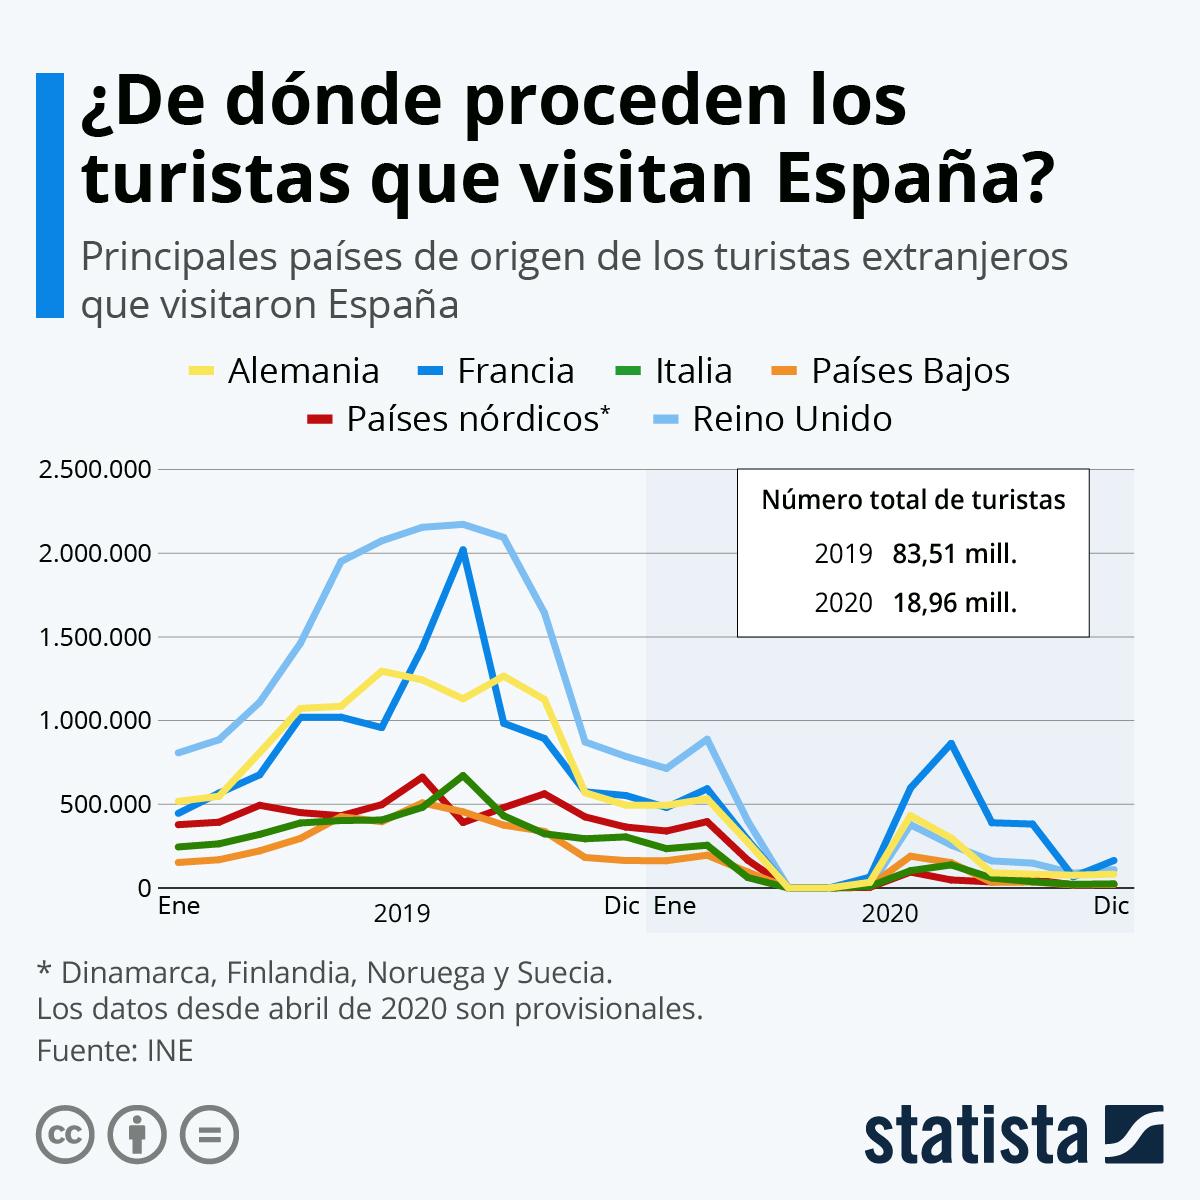 Infografía: ¿De dónde proceden los turistas que visitan España?